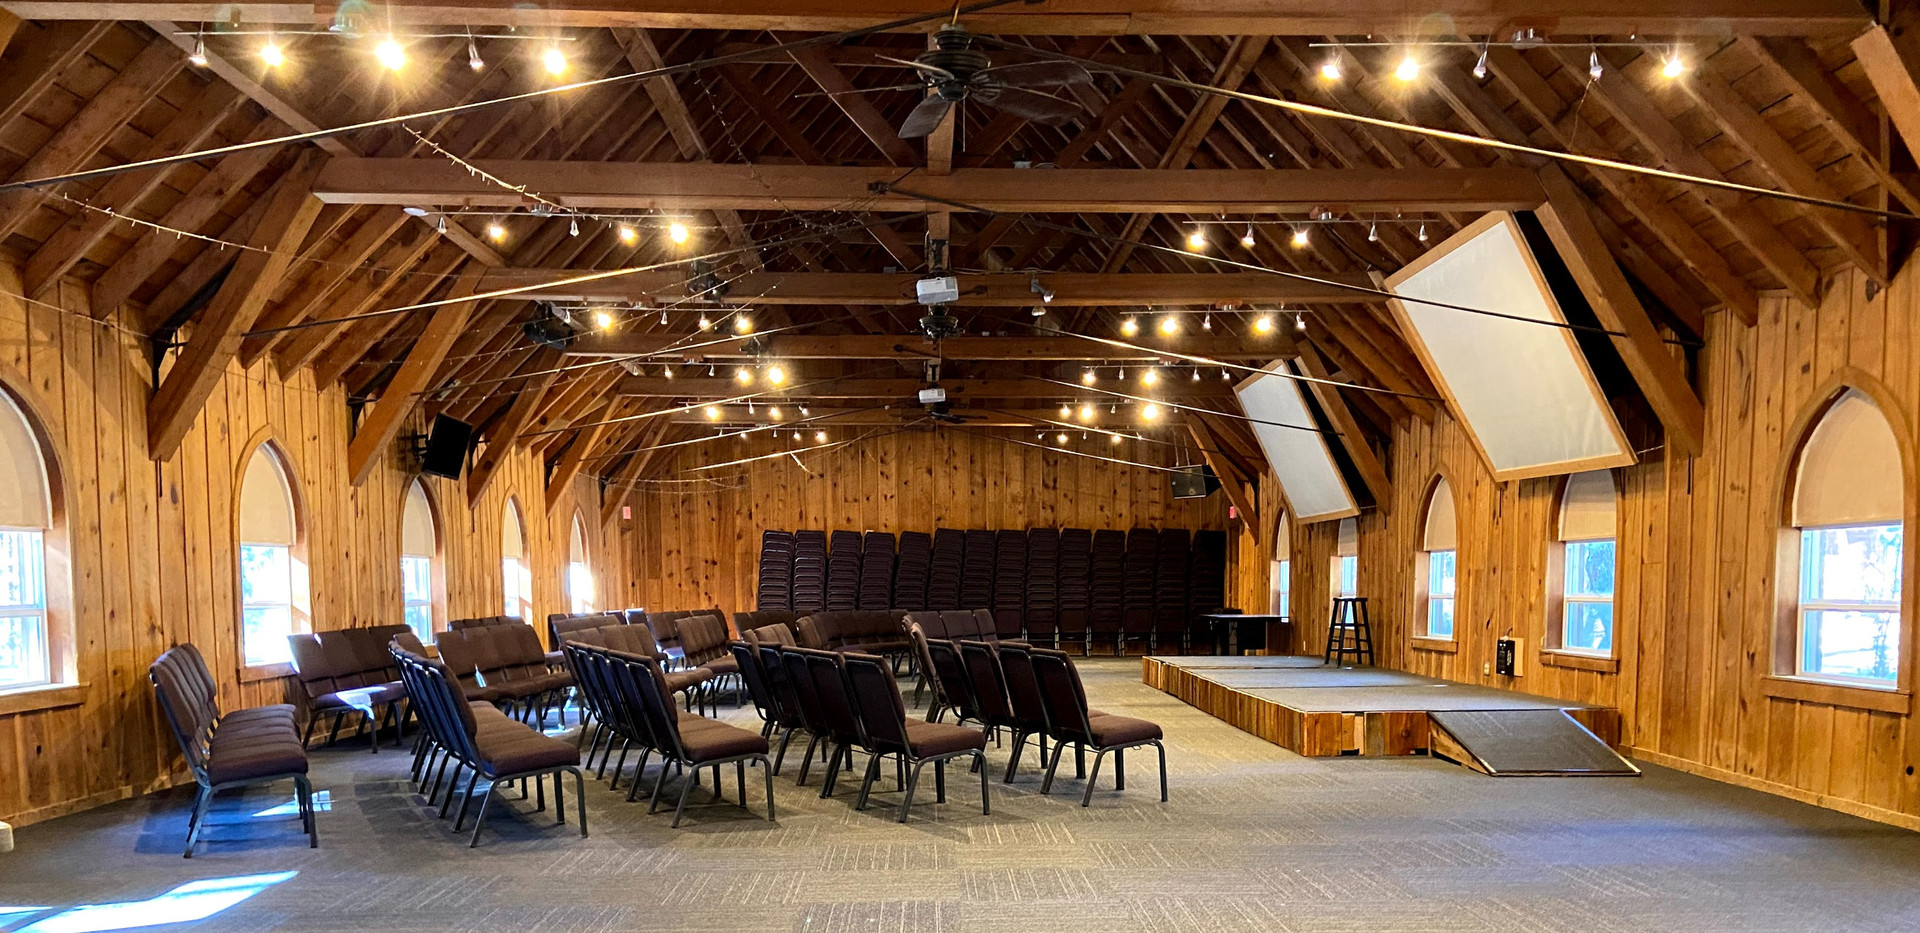 Main Chapel Inside